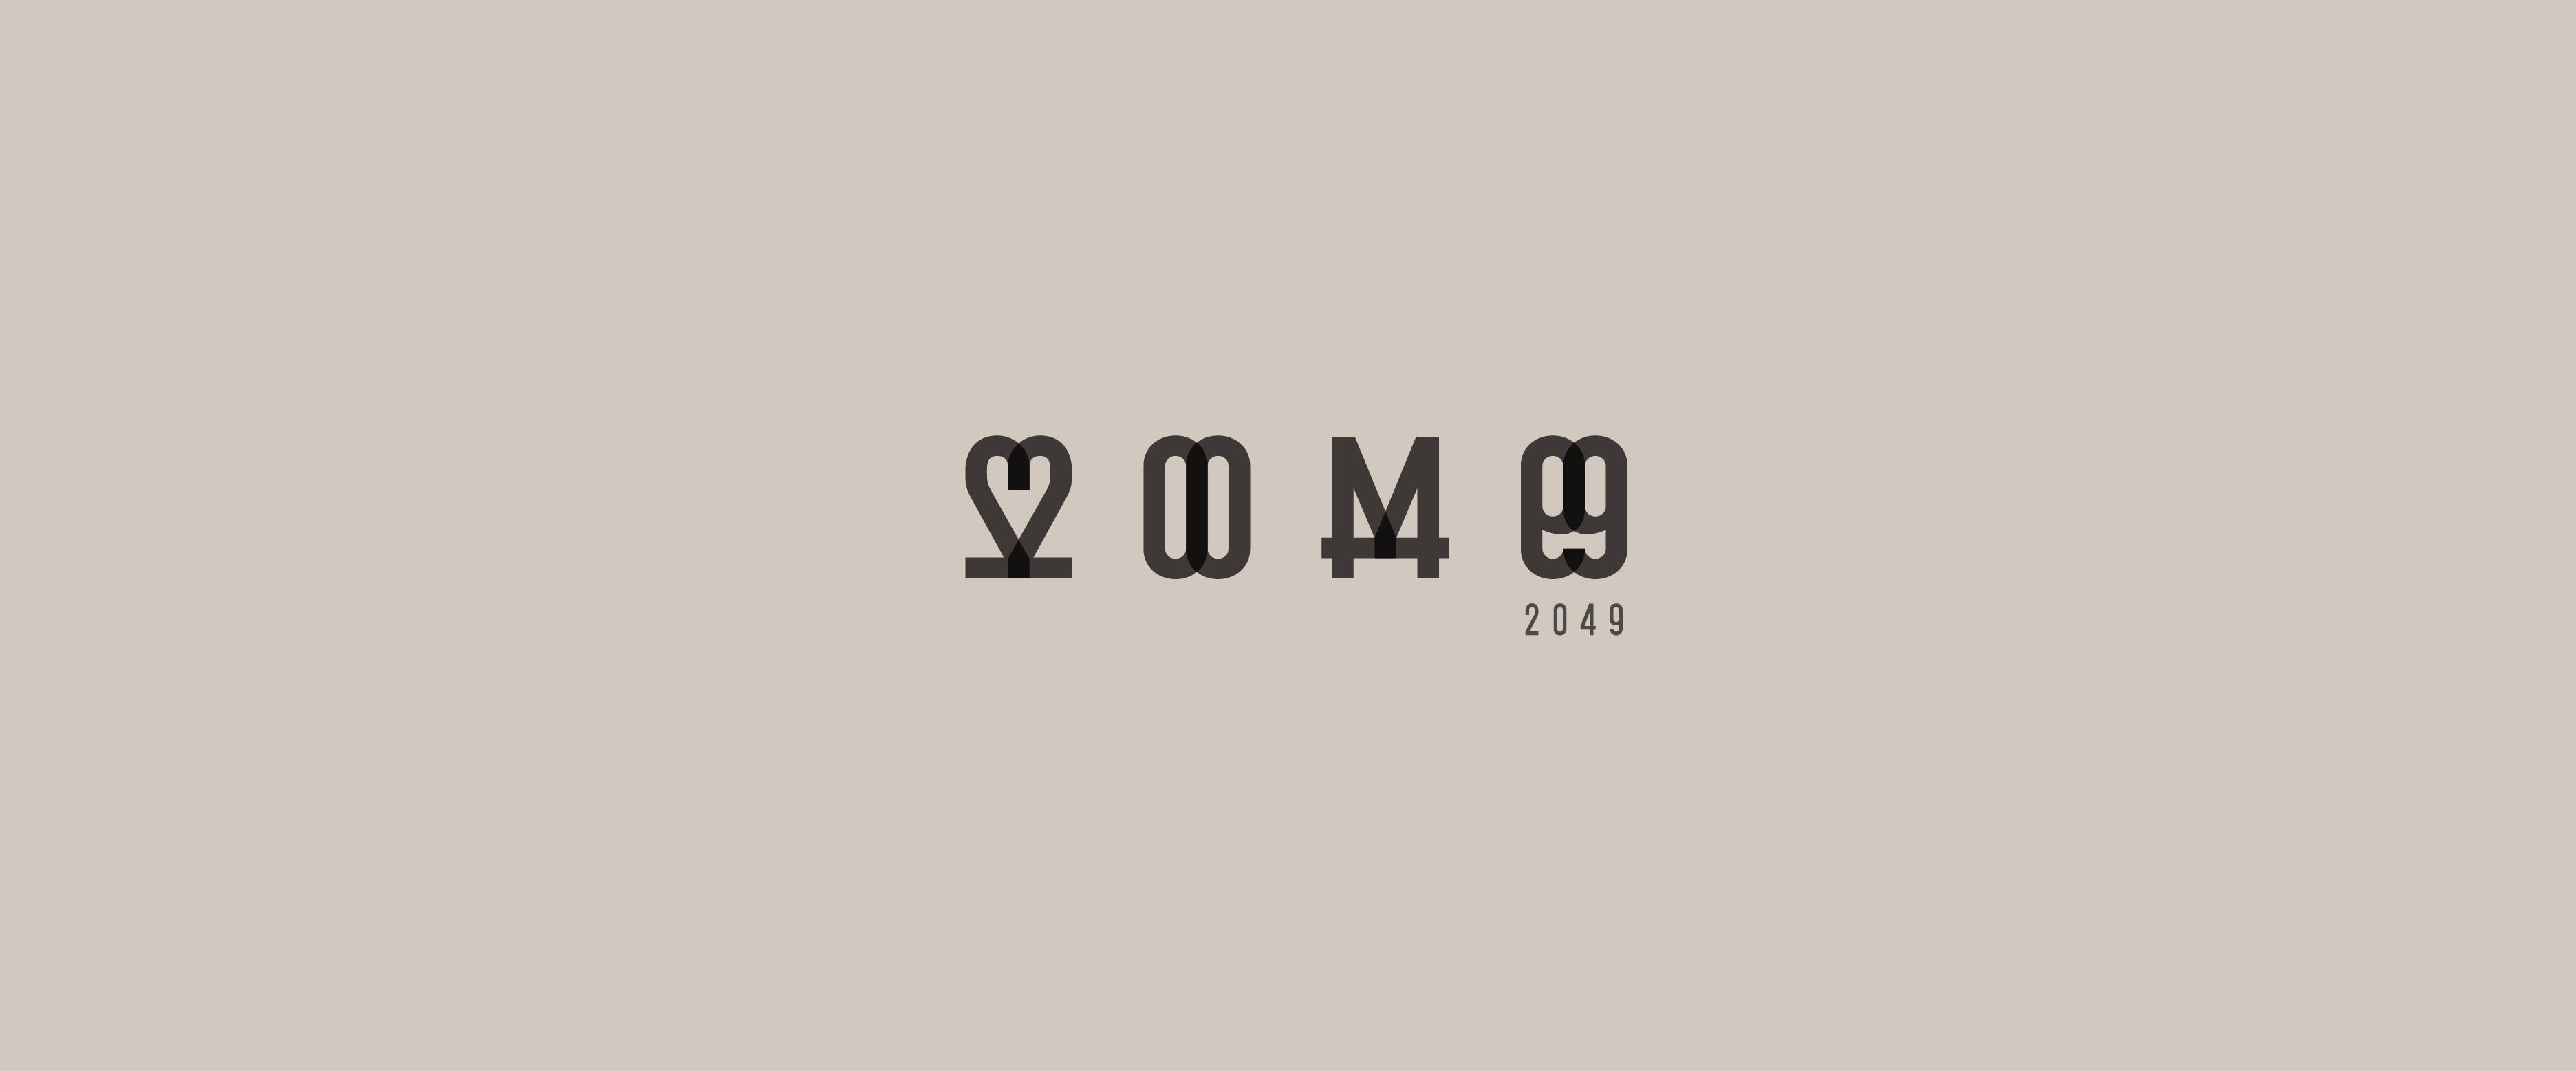 万科·2049